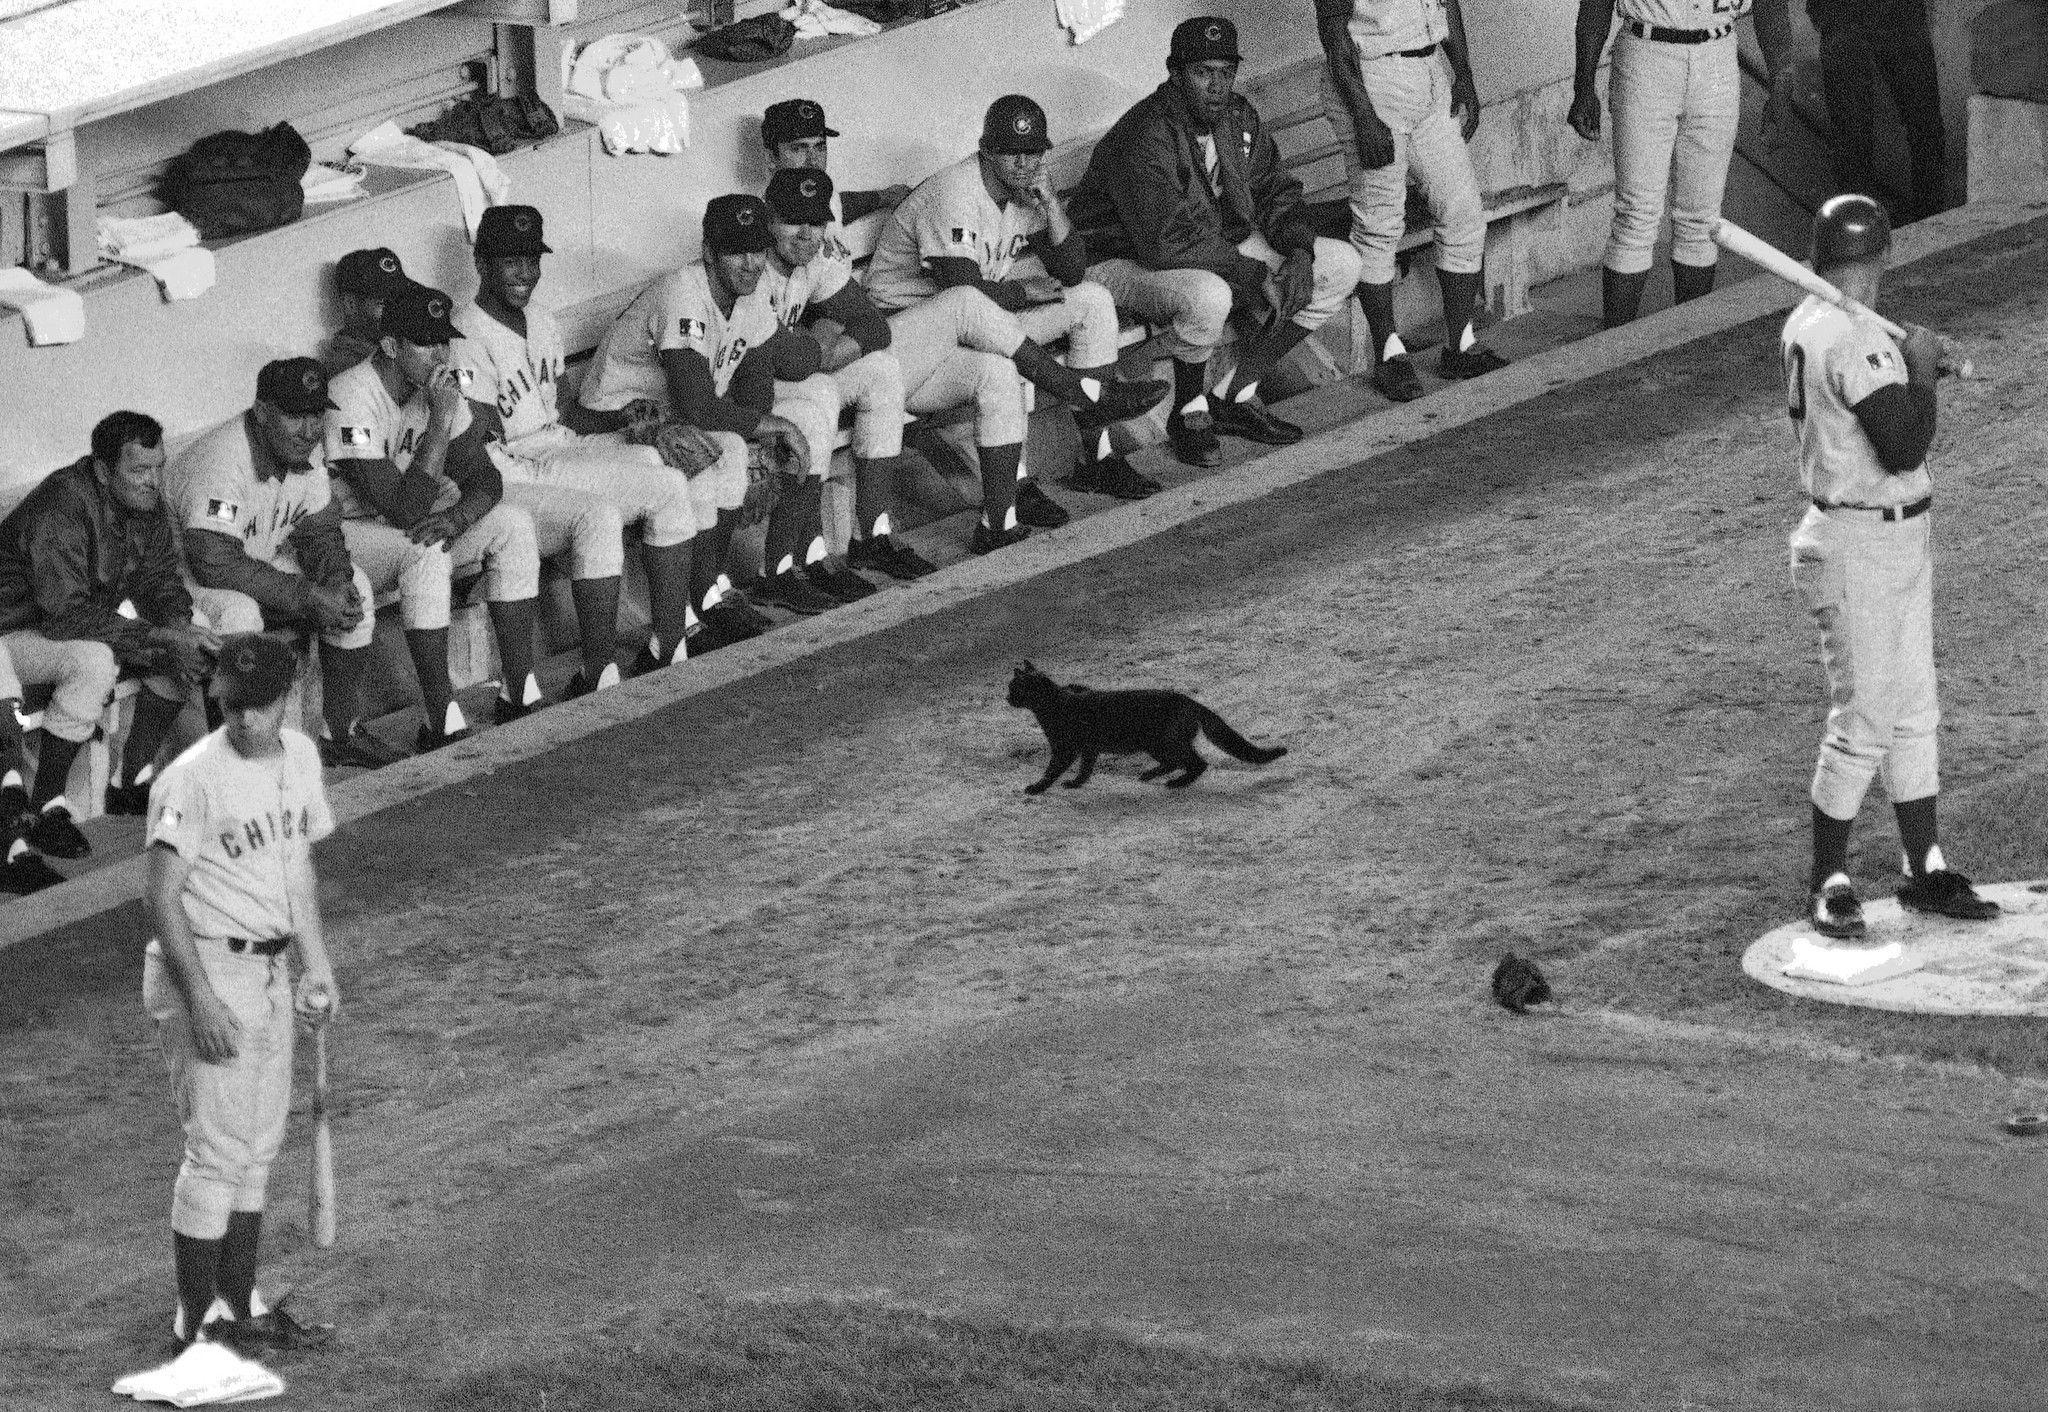 El gato negro de la maldición de los Chicago Cubs